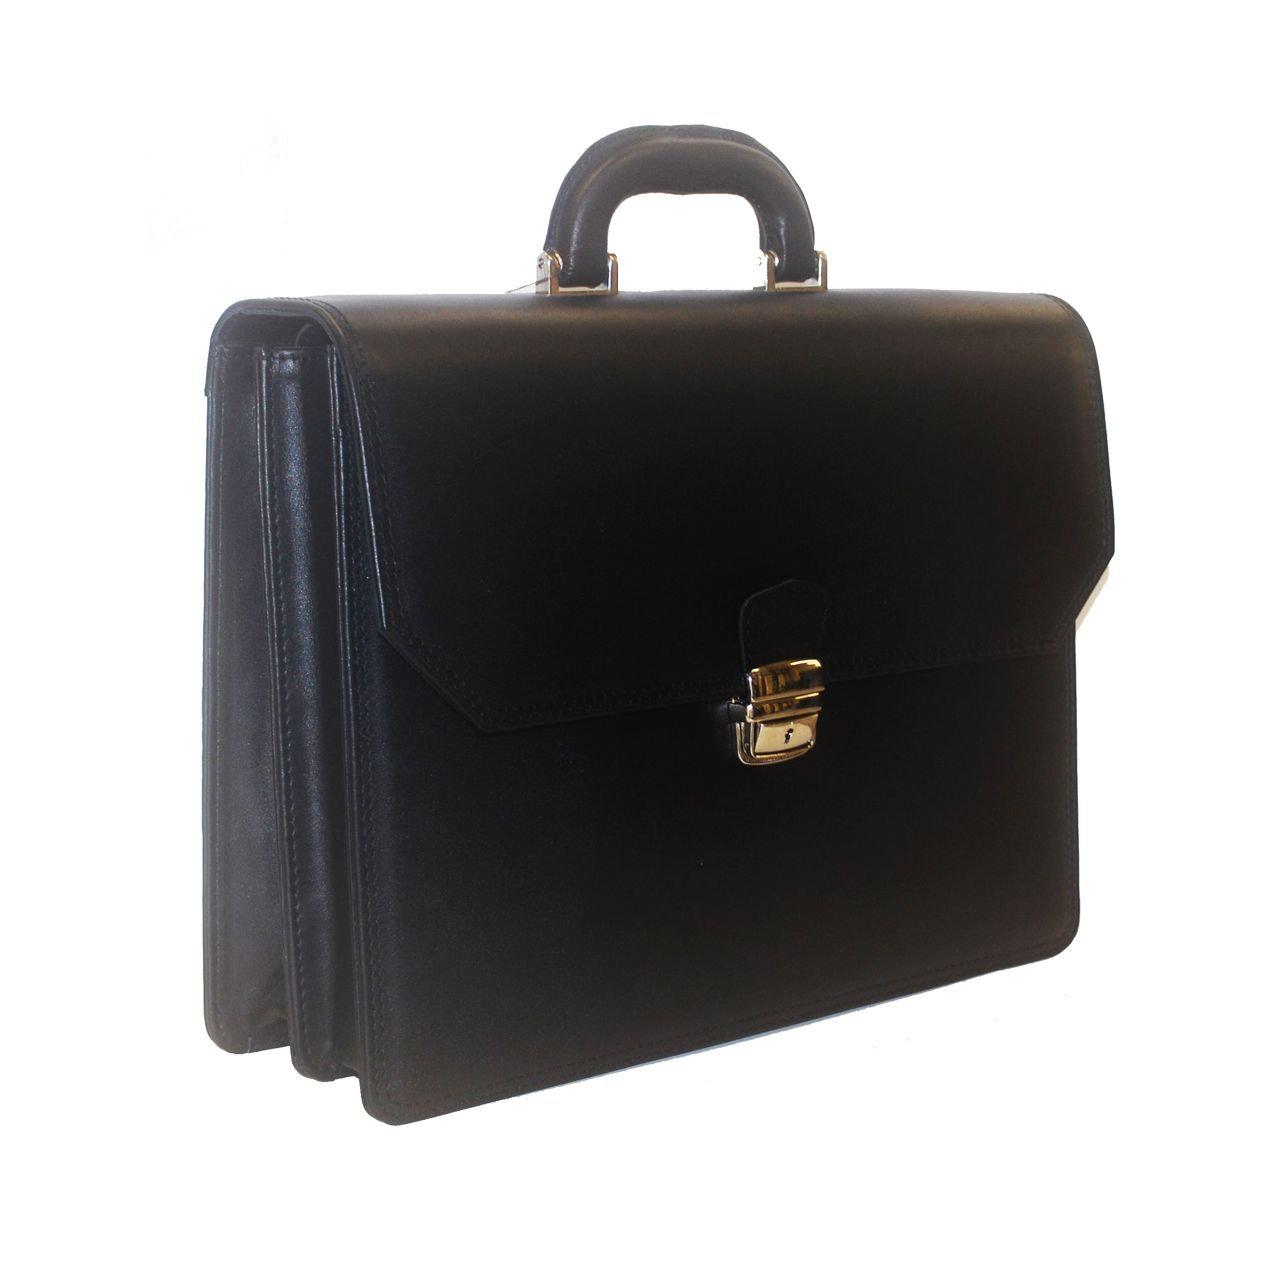 ec9ec92fda Luxusná aktovka z pravej hovädzej kože v čiernej farbe